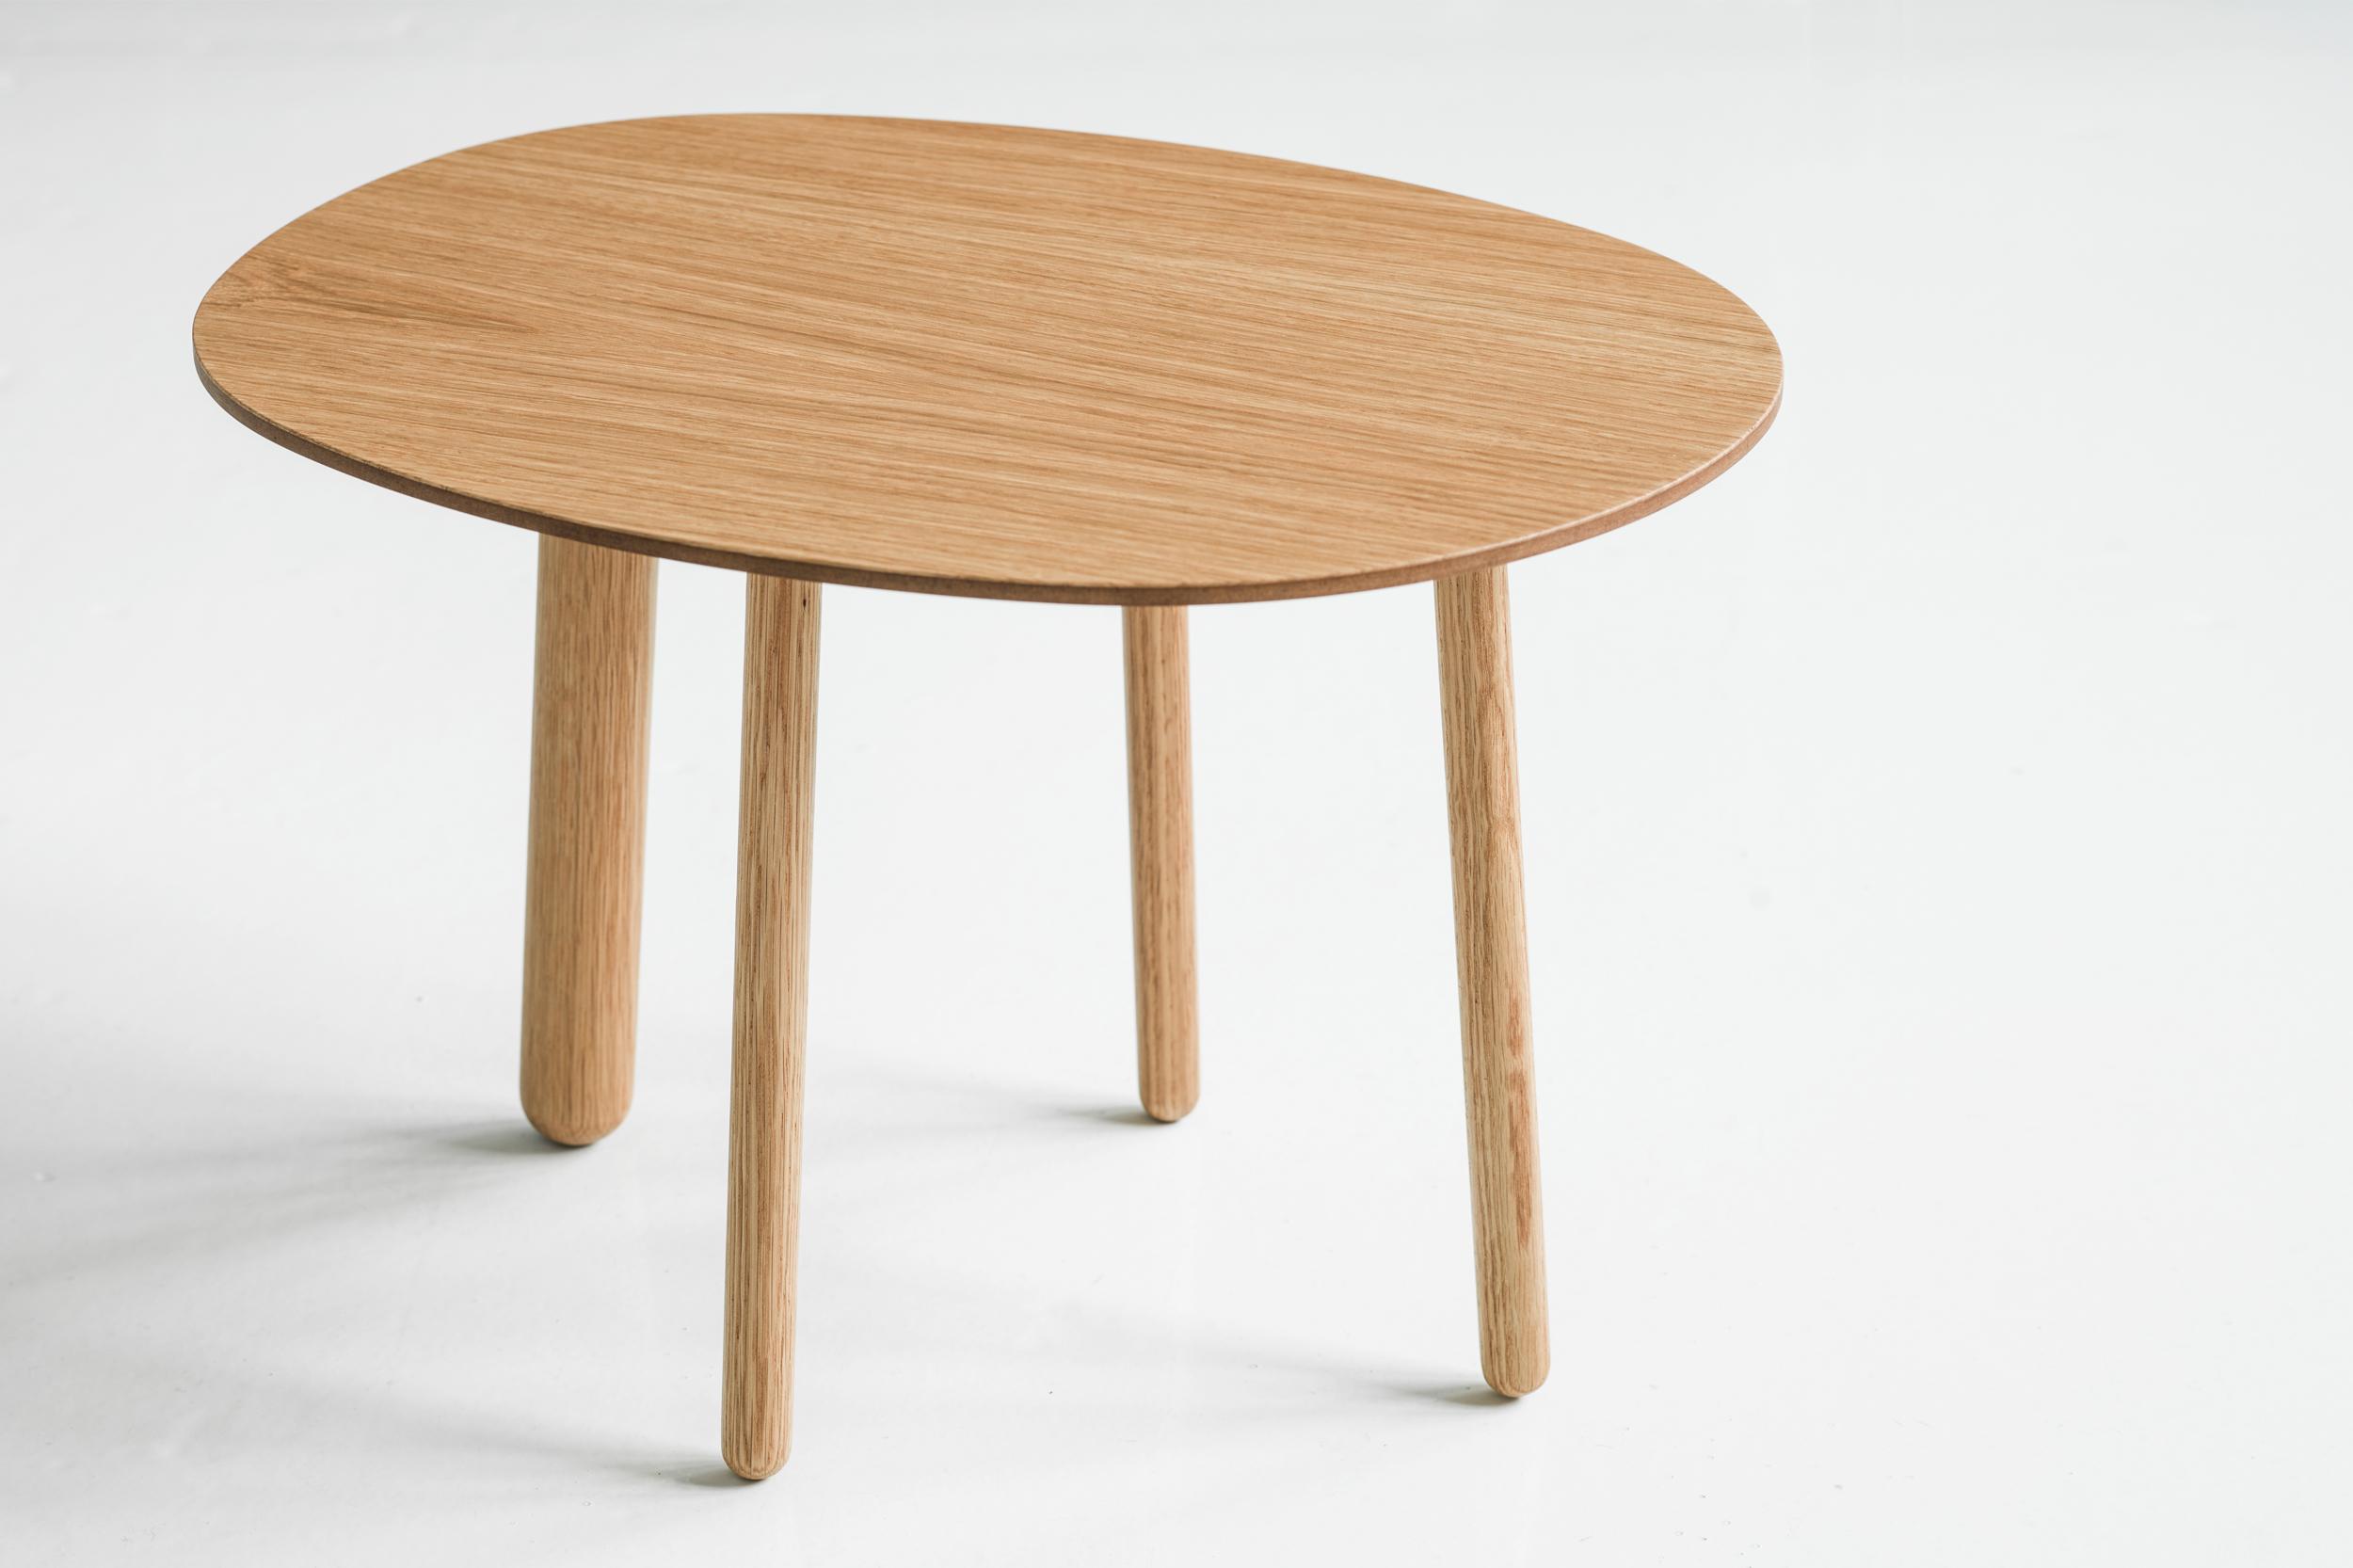 Morris coffee table model 2 in oak